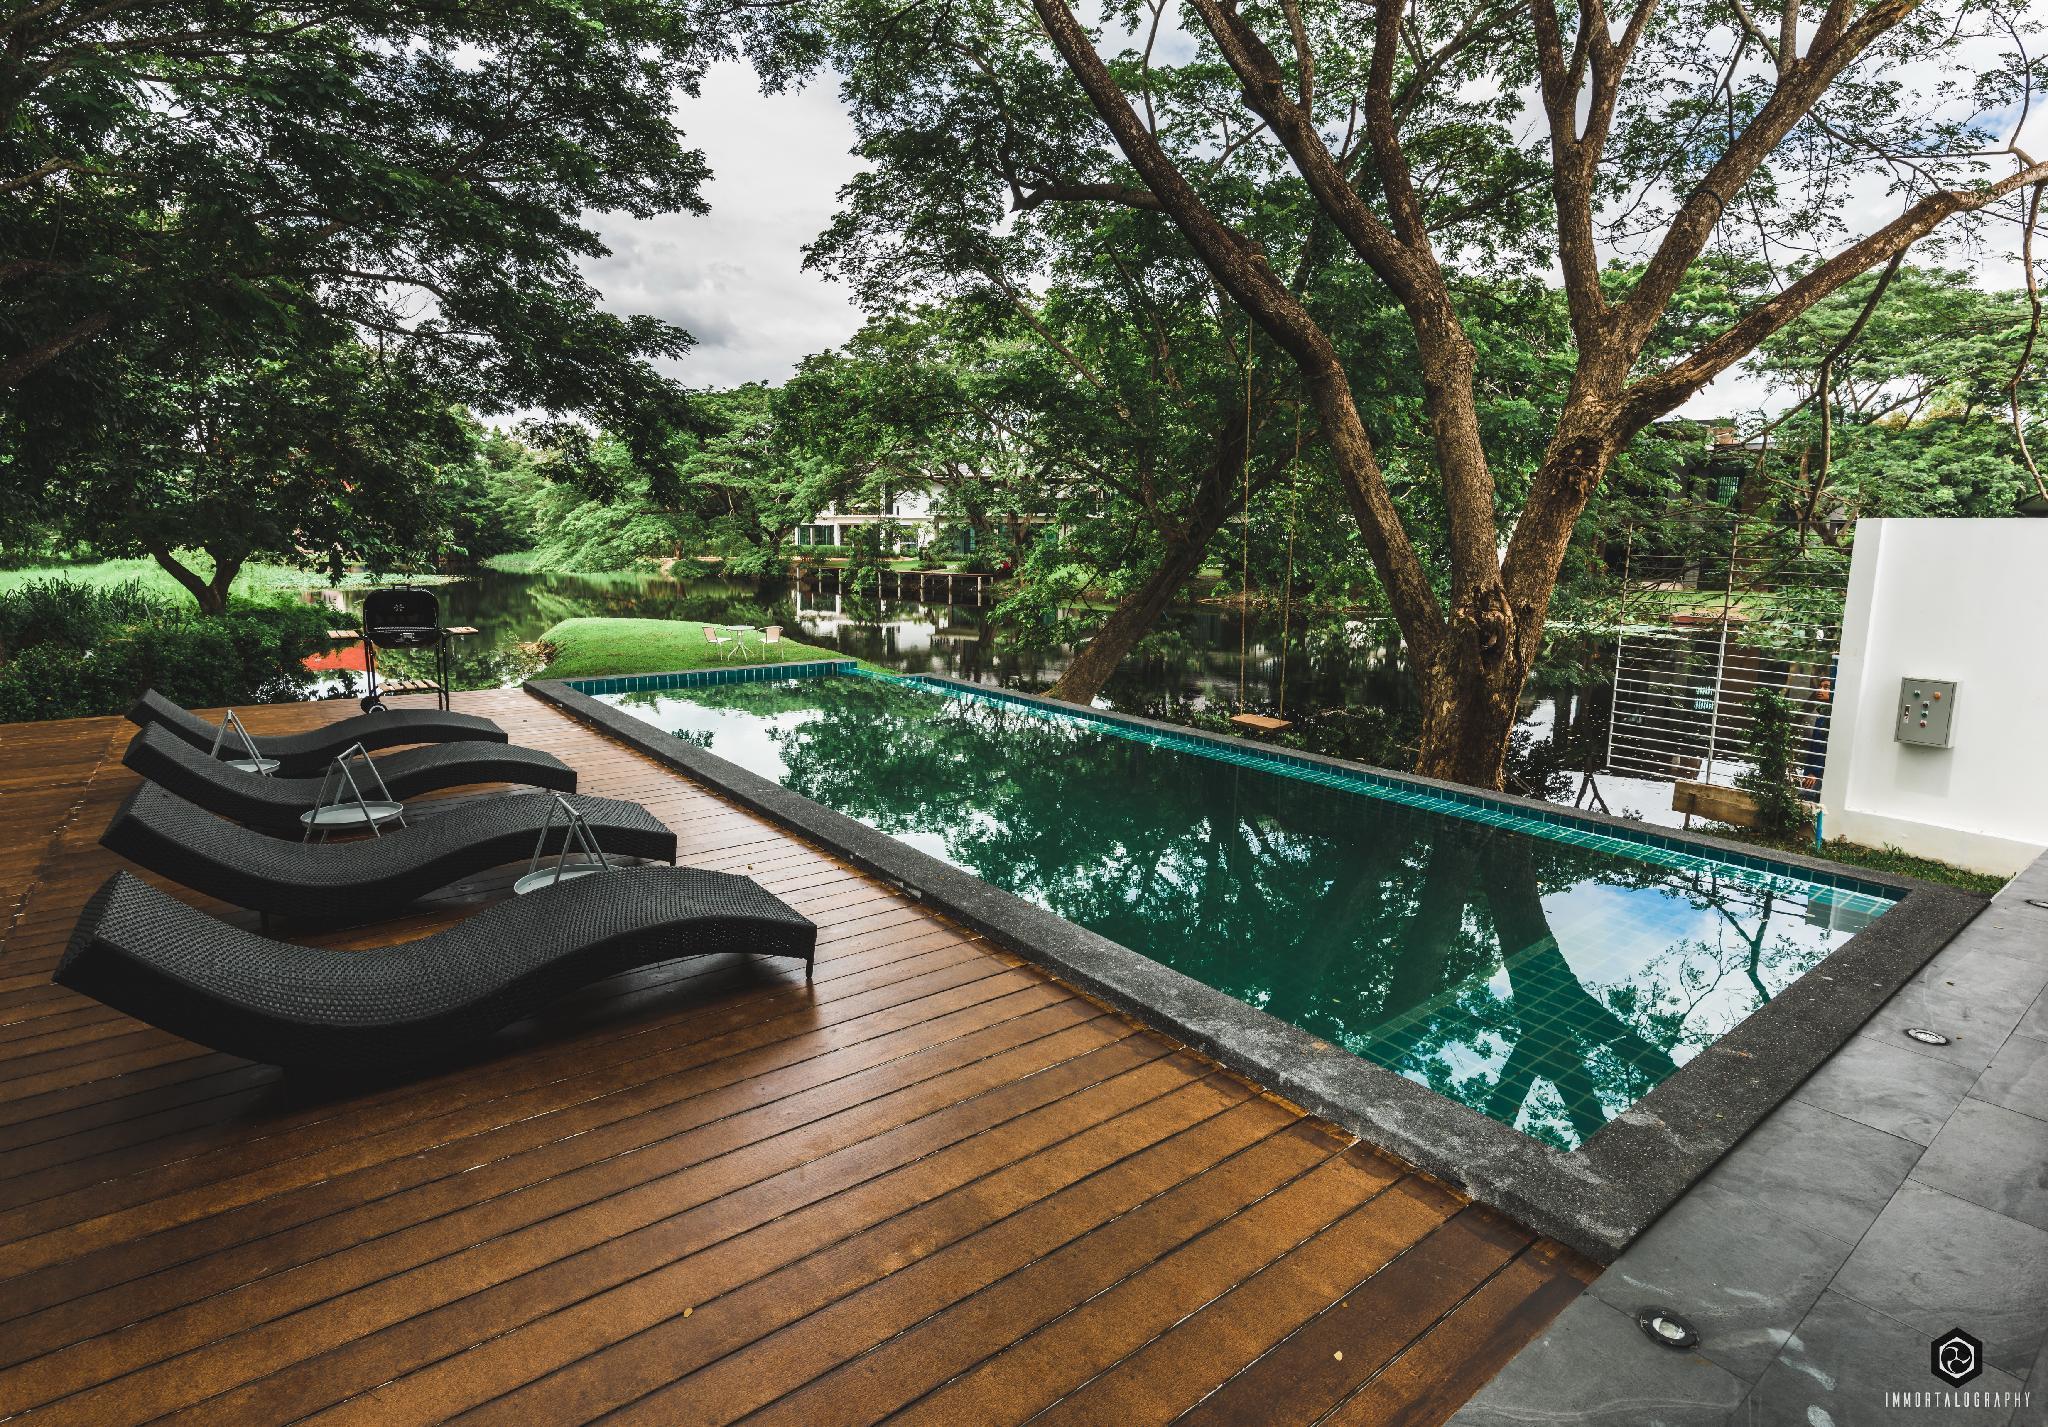 In the mood Luxury Private Poolvilla วิลลา 5 ห้องนอน 5 ห้องน้ำส่วนตัว ขนาด 400 ตร.ม. – หางดง